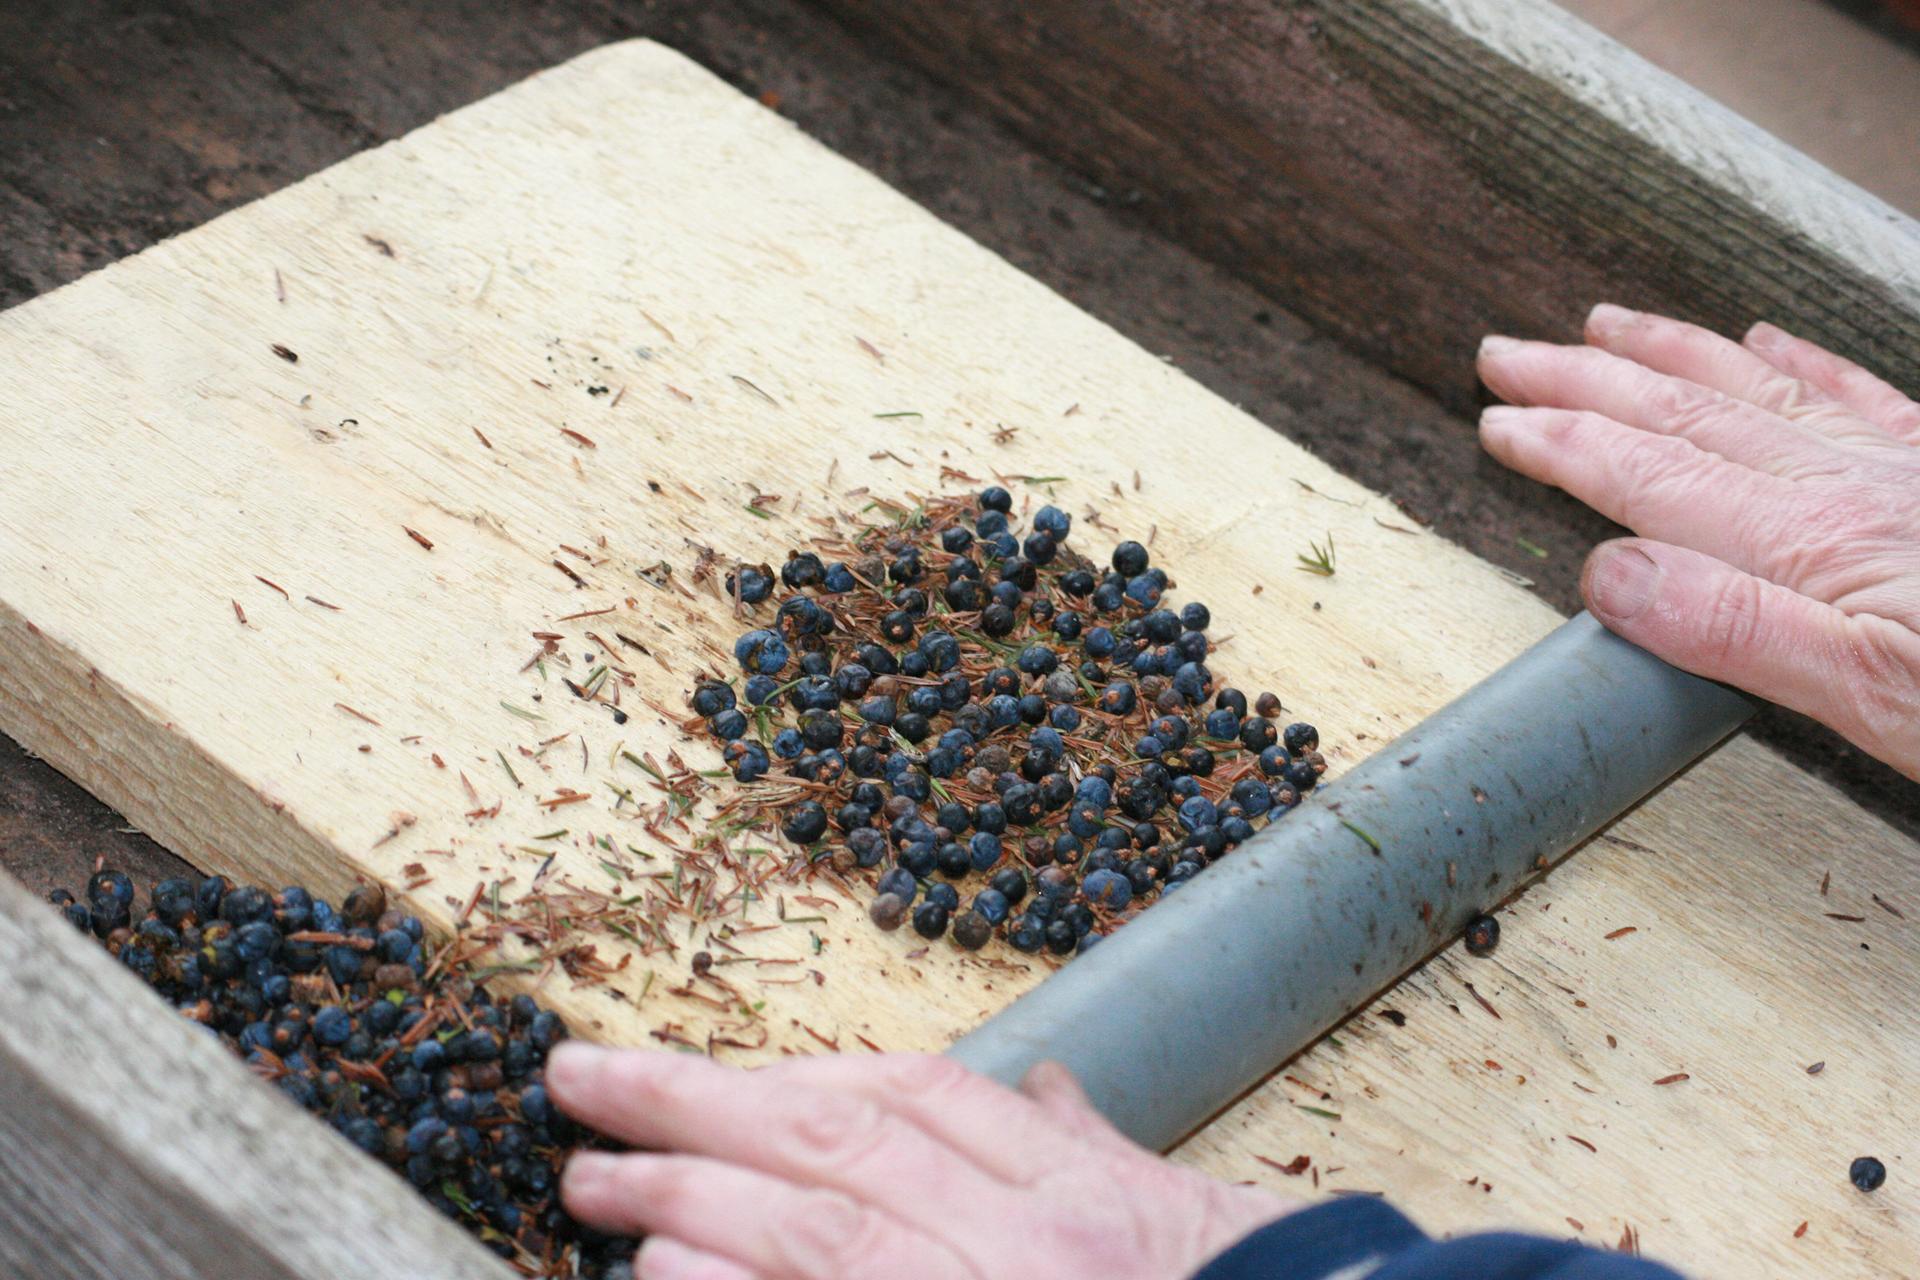 Fotografia przedstawia drewnianą deskę, na której iobok leżą granatowe szyszkojagody jałowca. Osoba trzyma ręce na metalowym wałku. Przygotowuje szyszkojagody do użytku kuchennego.